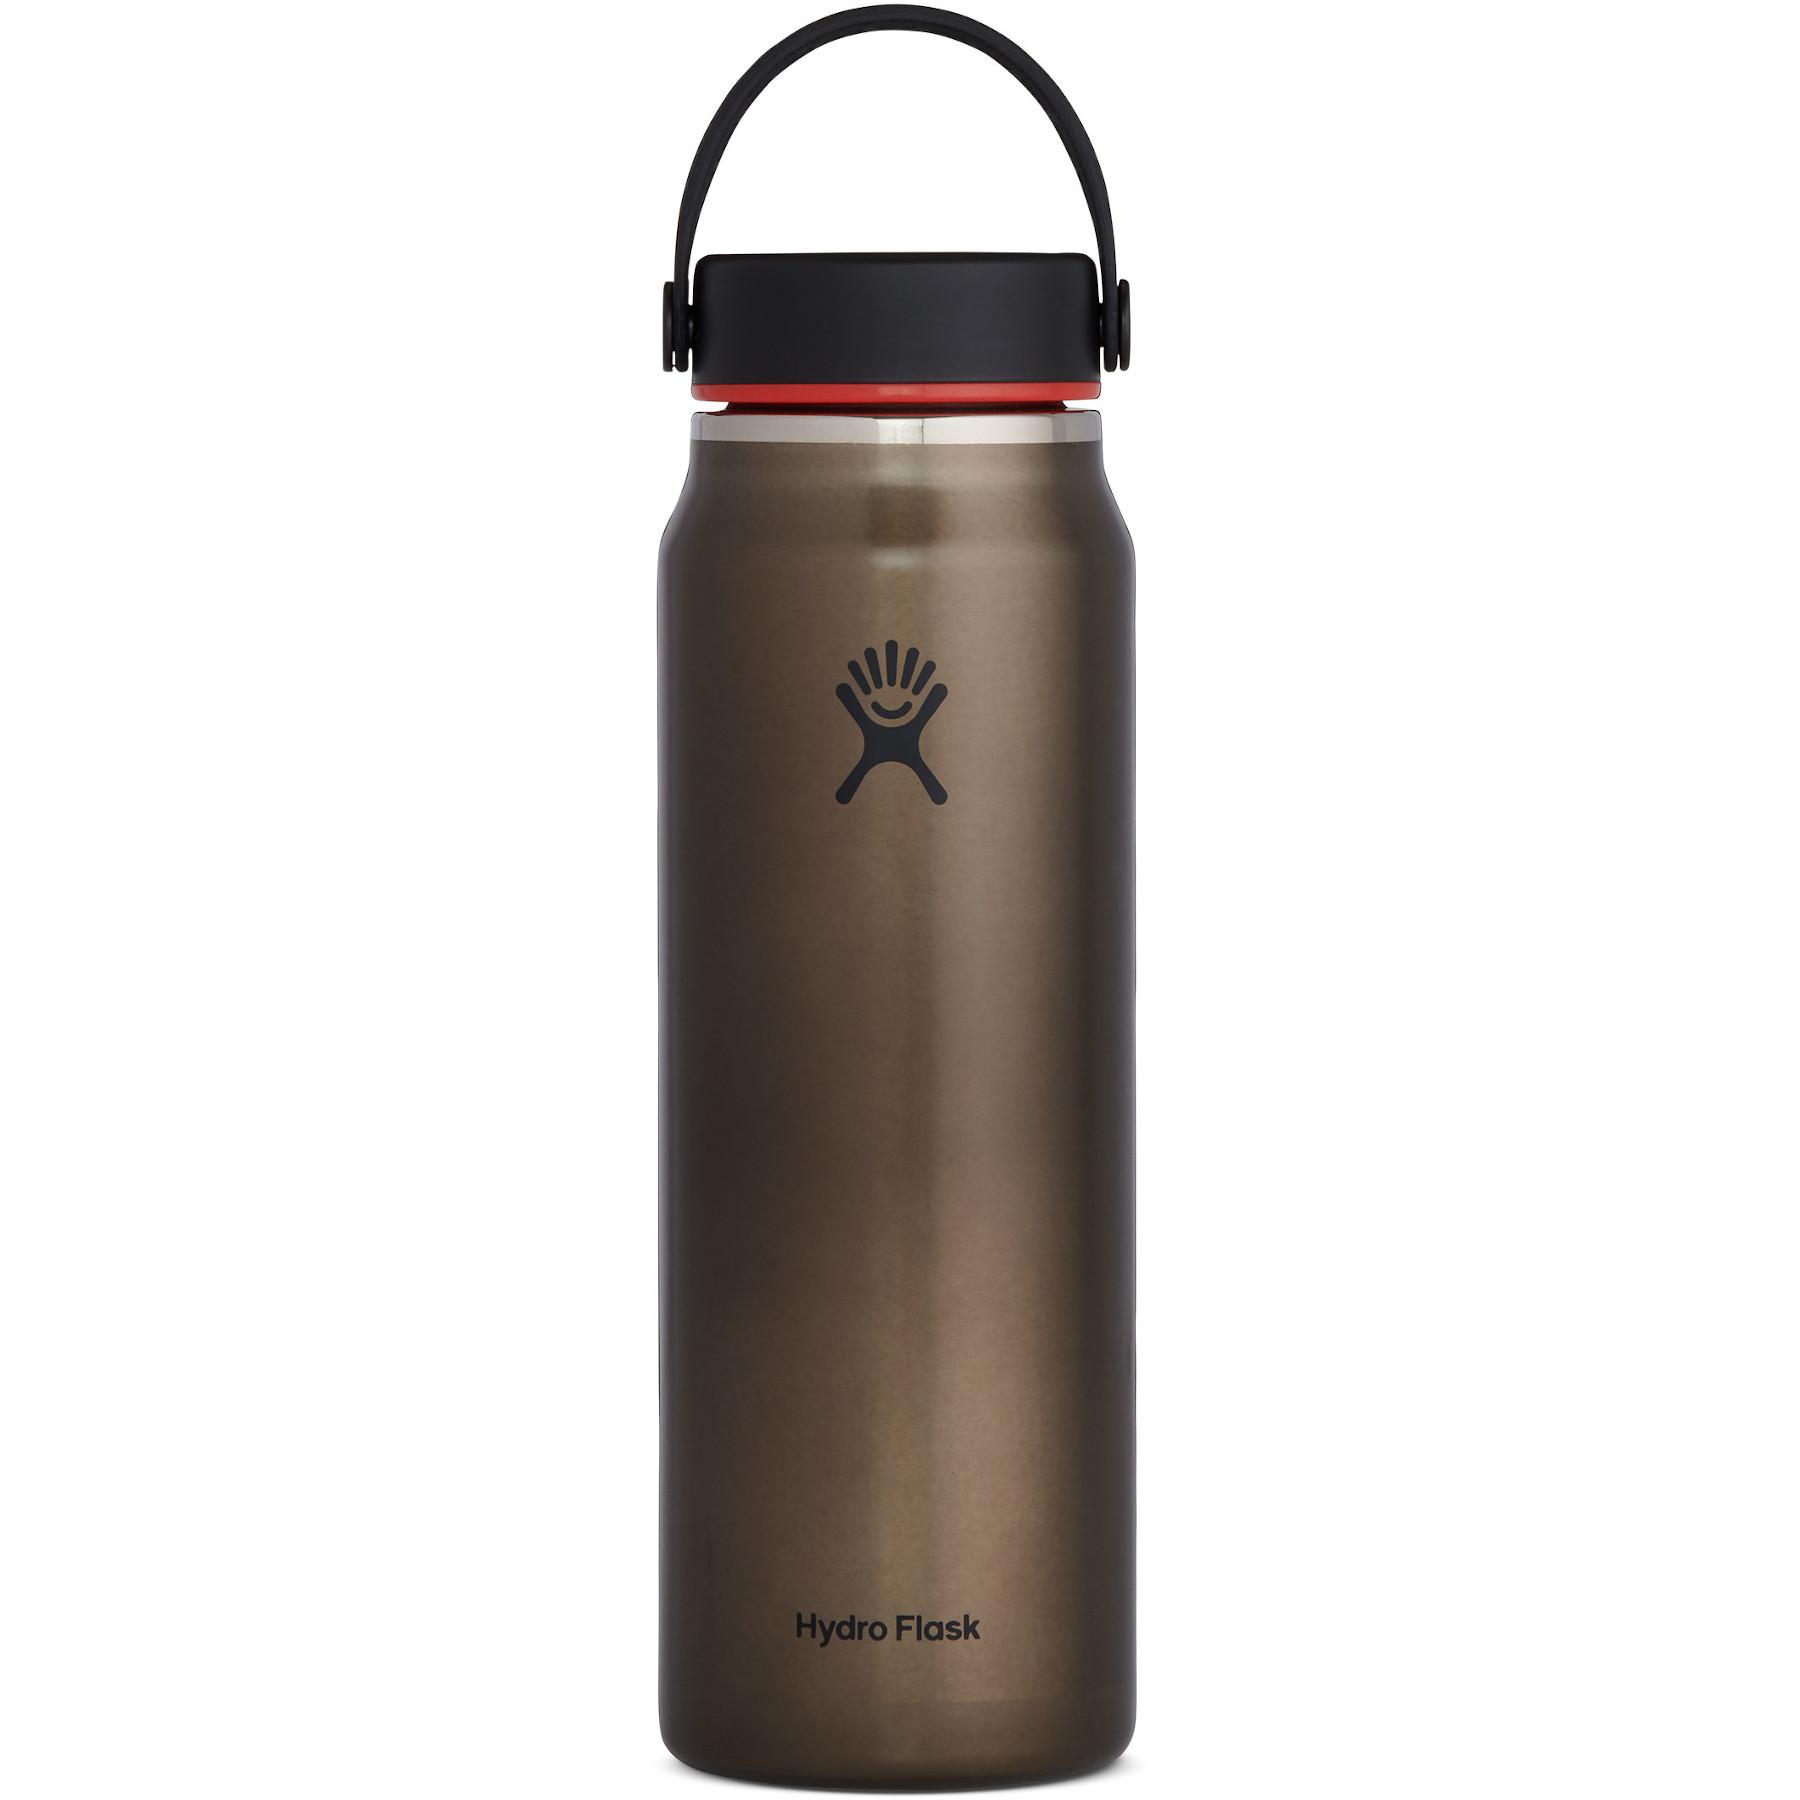 Bild von Hydro Flask 32 oz Lightweight Wide Mouth Trail Series Thermoflasche 946 ml - Obsidian